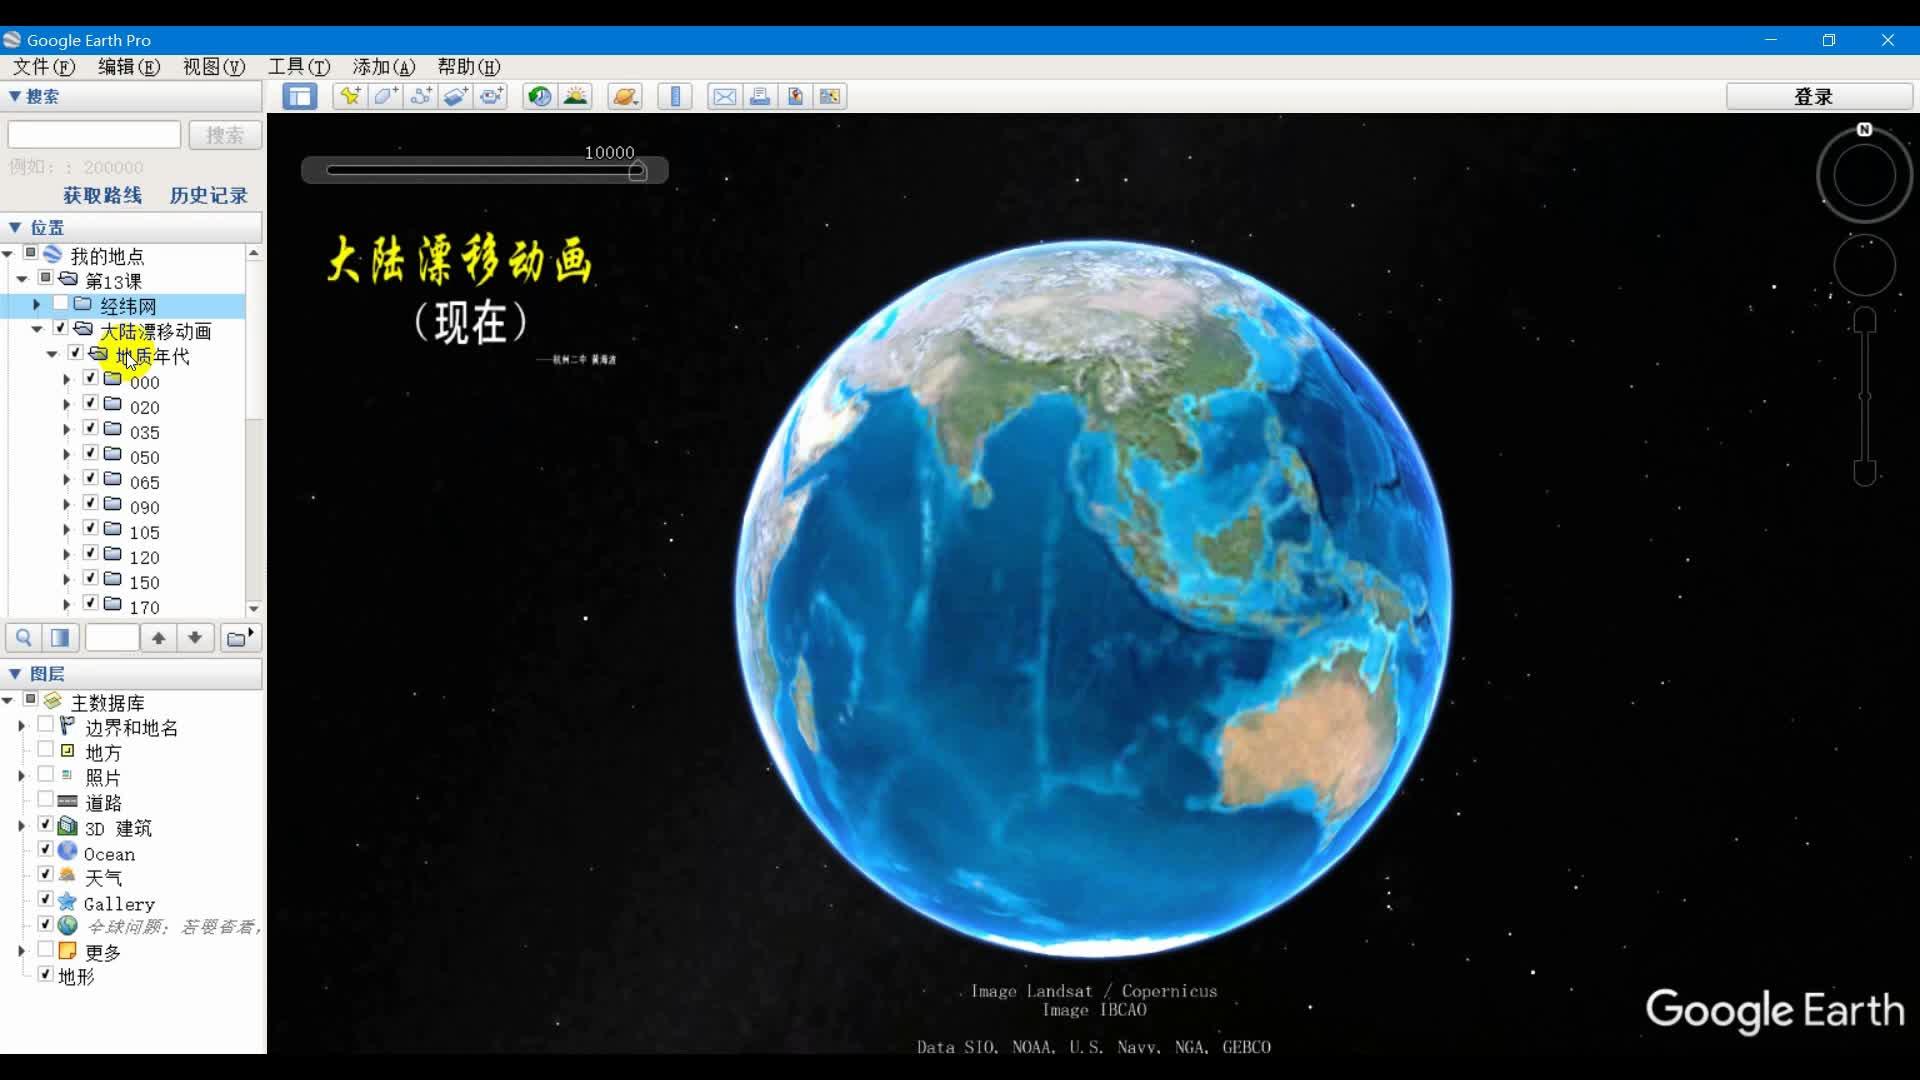 13地面覆盖图层动画制作——大陆漂移动画制作解析-《玩转谷歌地球——Google Earth地理教学应用培训教程》